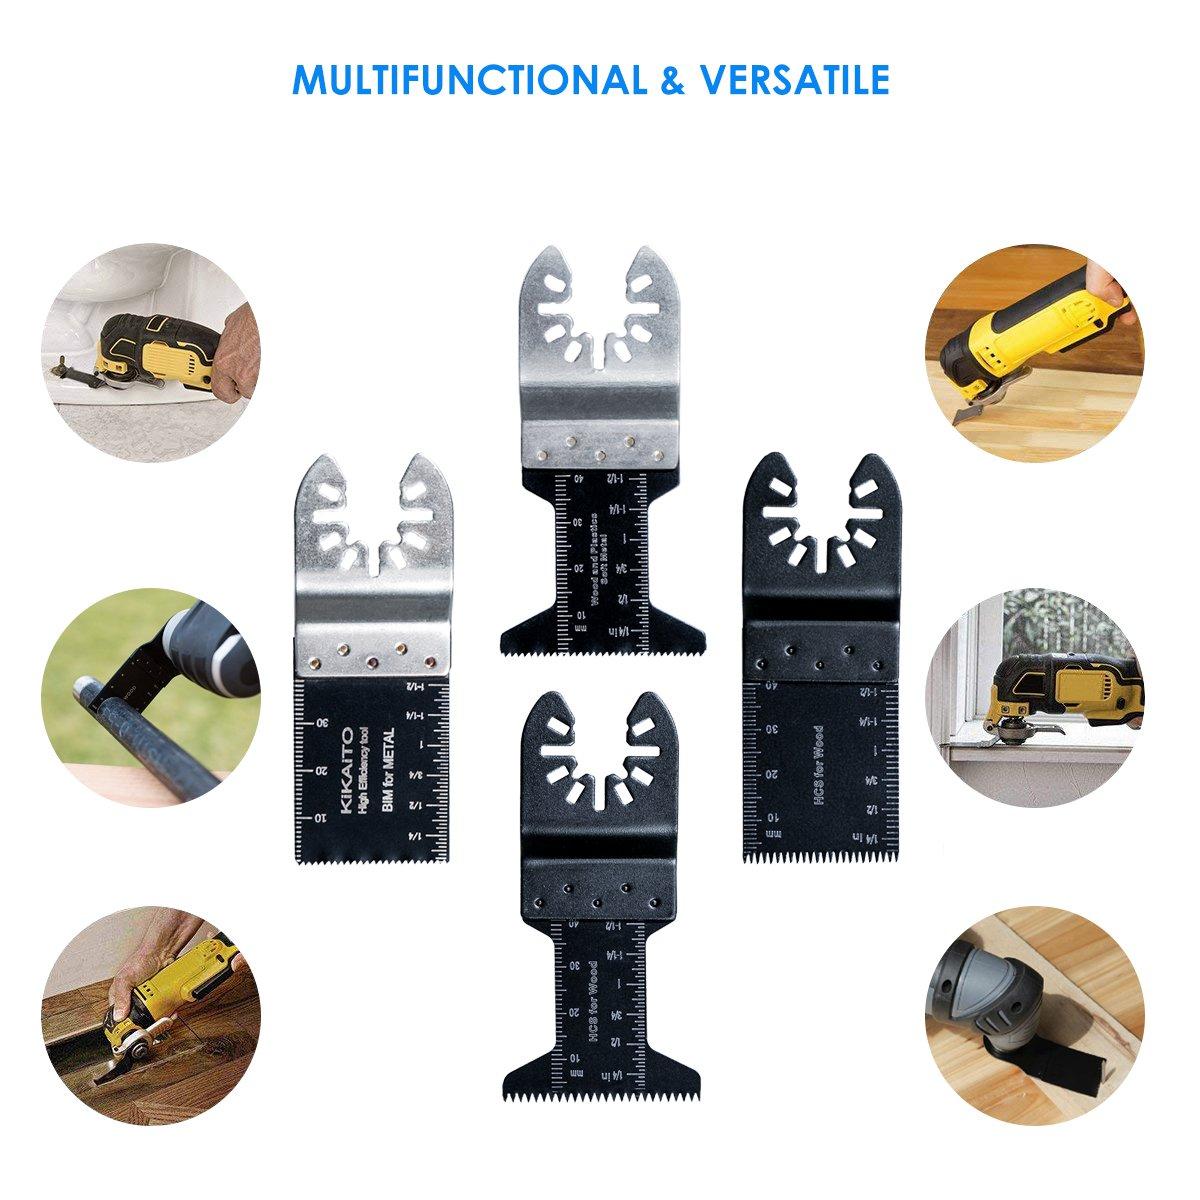 cuchillas mixtas para Fein Multimaster Porter Cable negro /& Decker Bosch Dremel Craftsman Juego de 20 hojas de sierra de liberaci/ón r/ápida multiherramienta oscilante de metal y madera